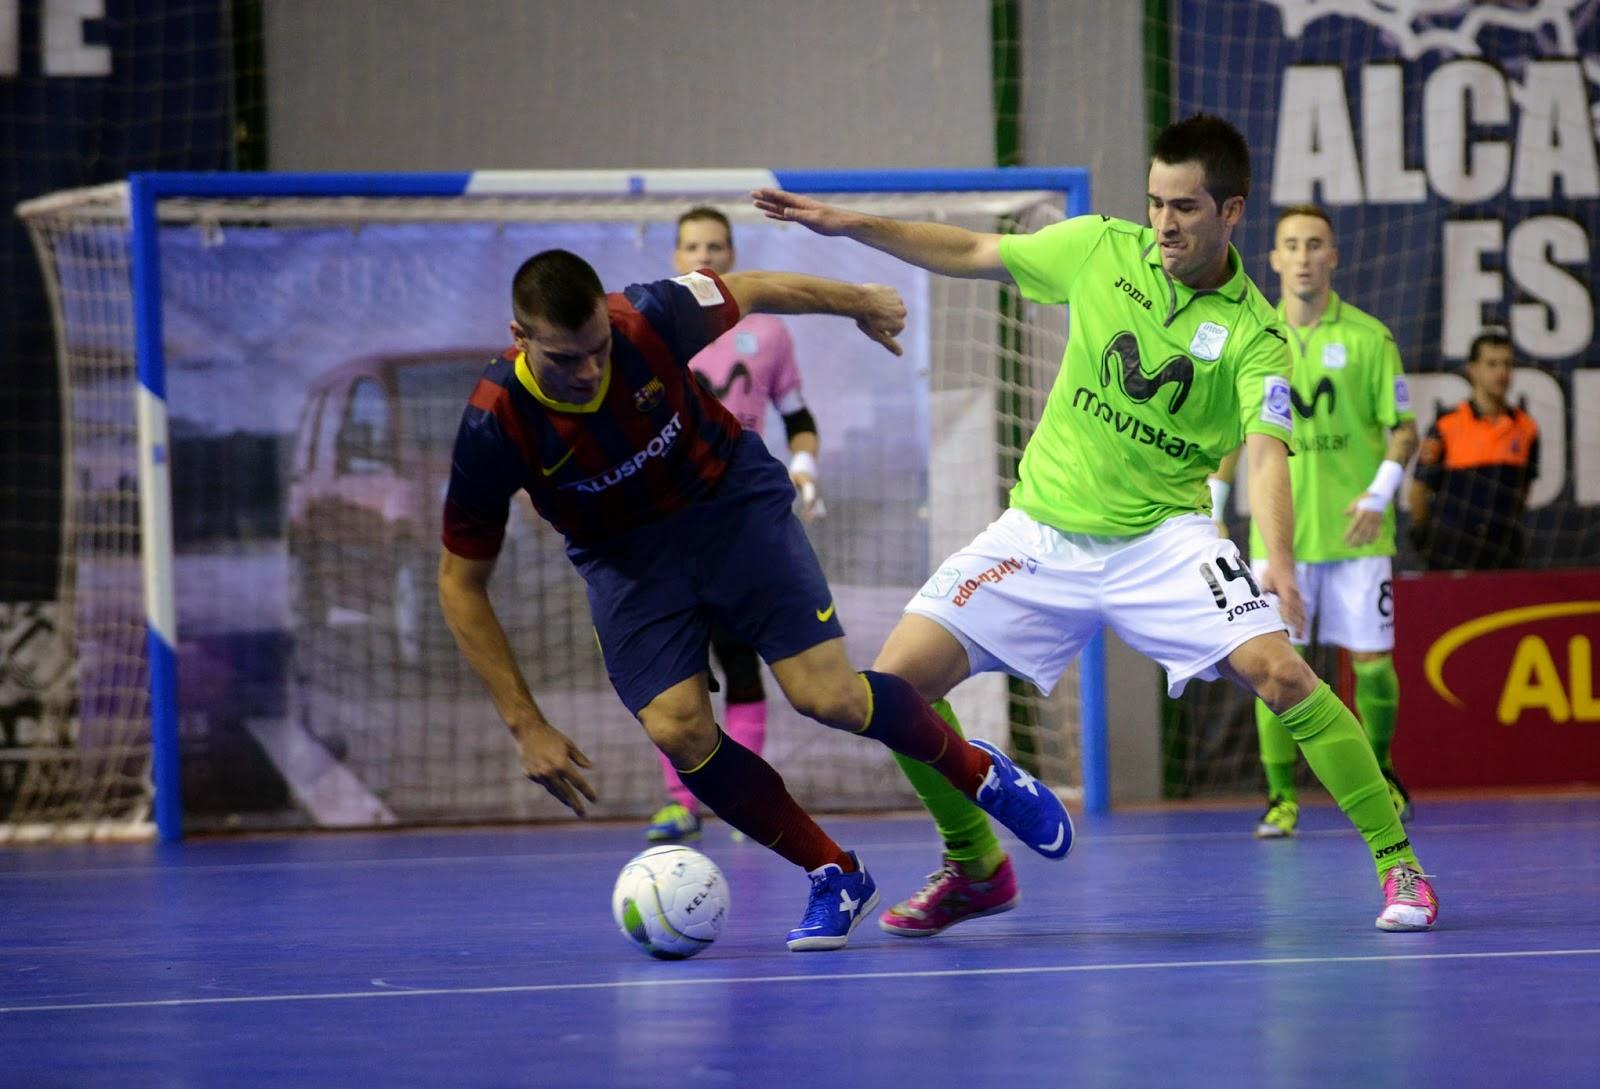 4 Manfaat Memakai Baju Futsal Jika Dibandingkan dengan Baju Biasa